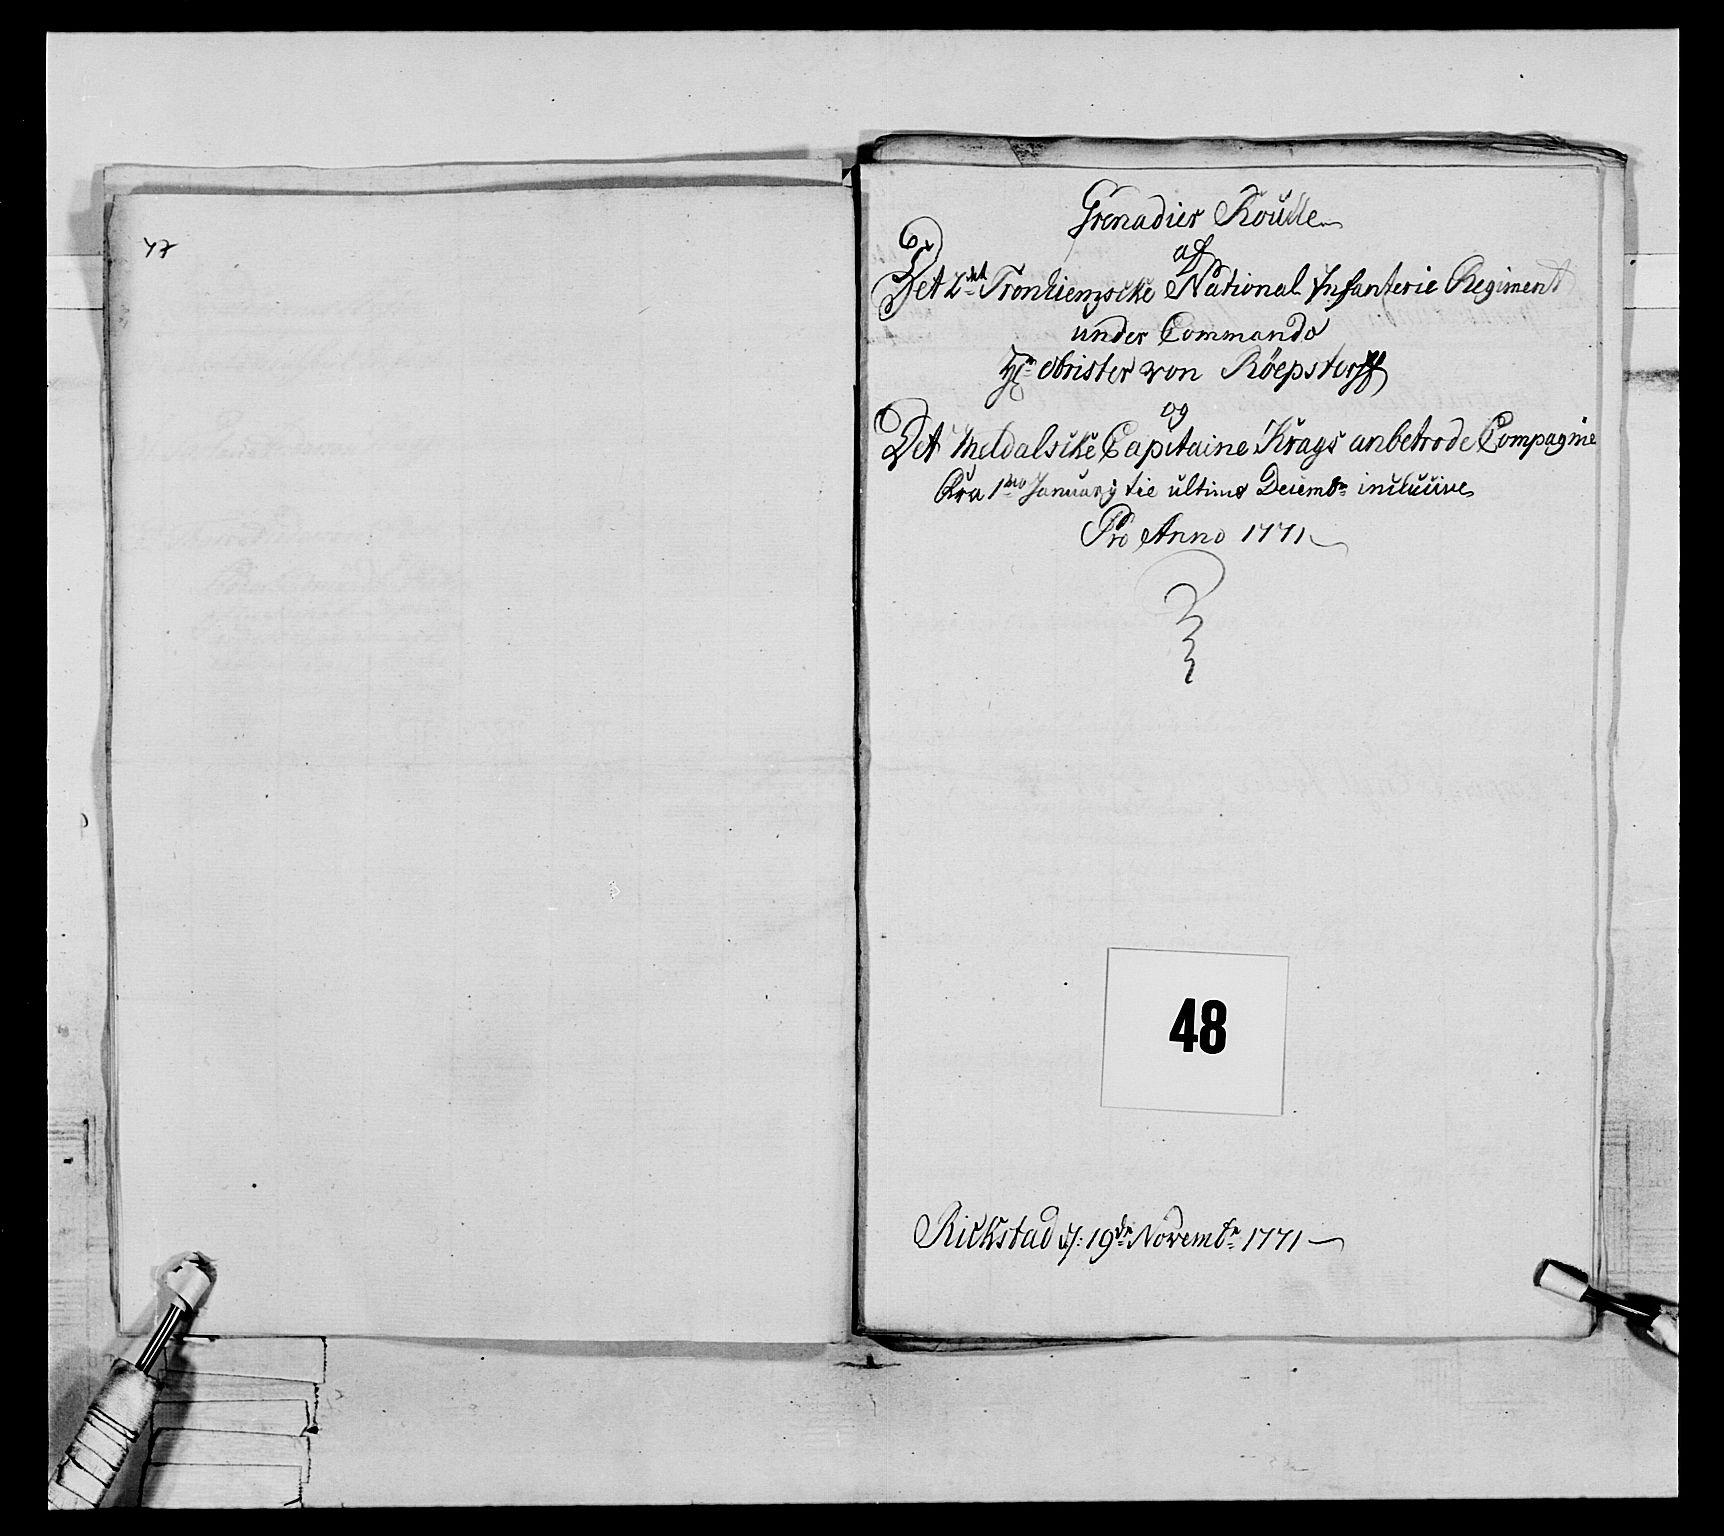 RA, Generalitets- og kommissariatskollegiet, Det kongelige norske kommissariatskollegium, E/Eh/L0076: 2. Trondheimske nasjonale infanteriregiment, 1766-1773, s. 157